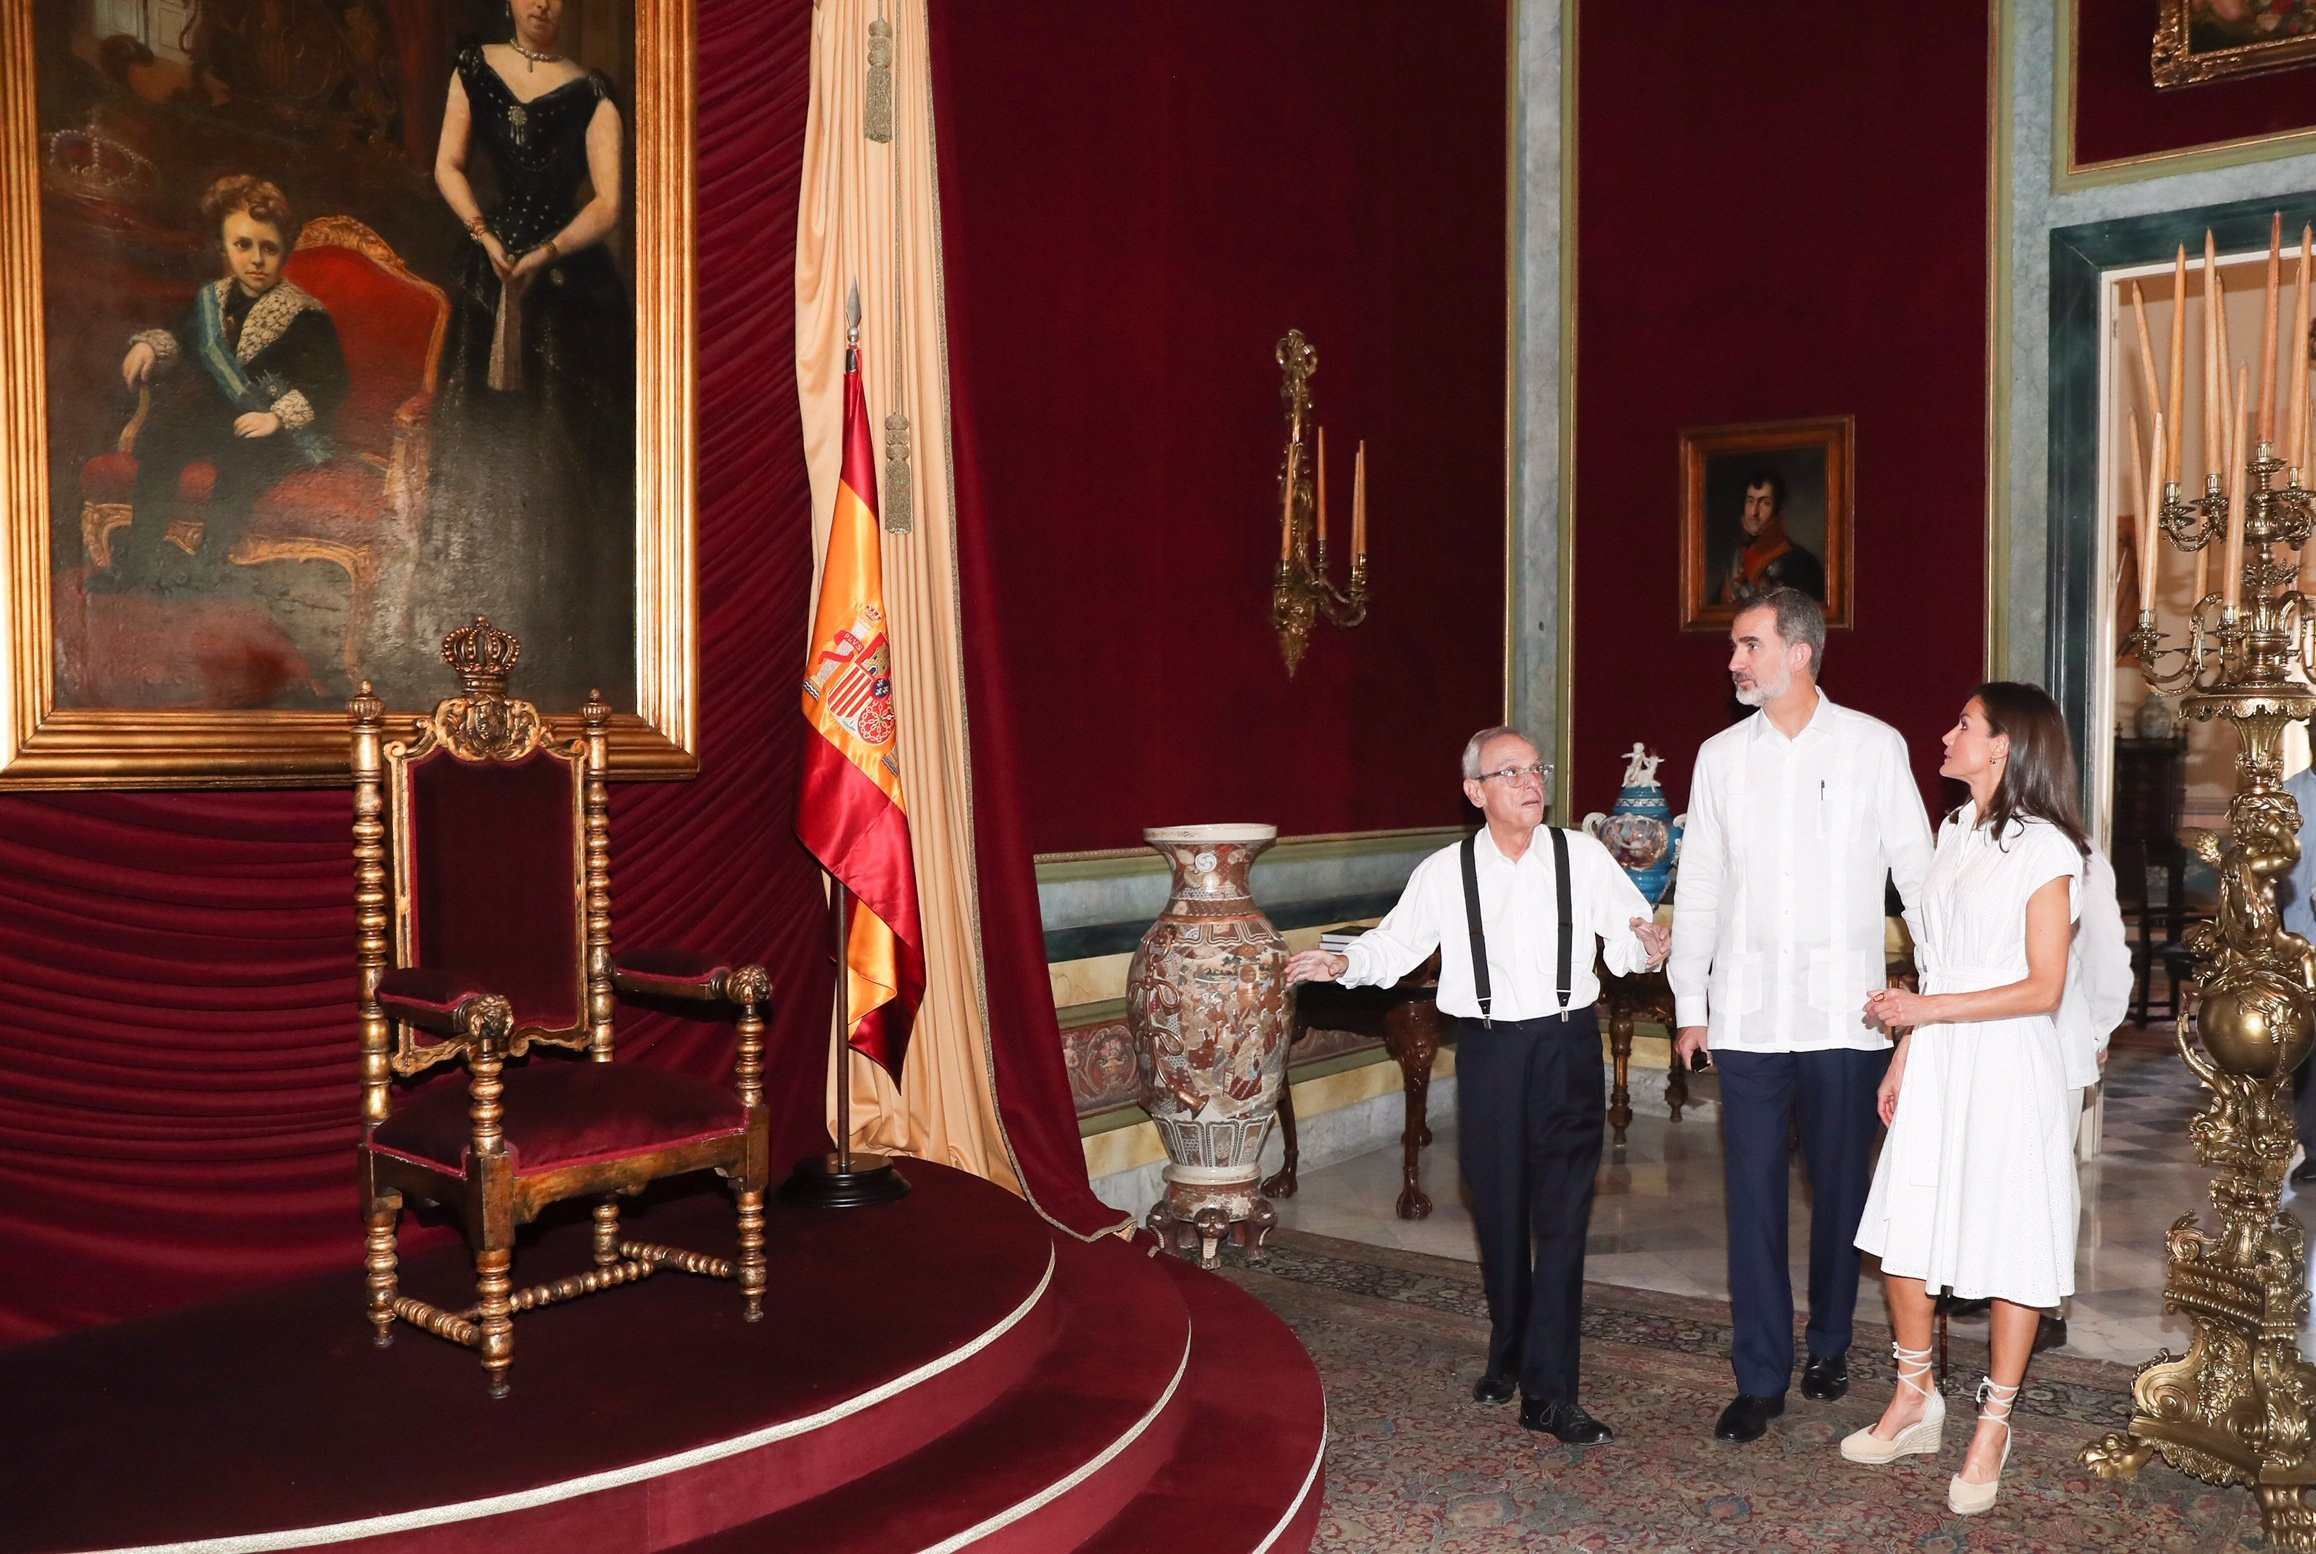 El historiador Eusebio Leal muestra a los reyes Felipe IV y Letizia el trono intocado del Palacio de los Capitanes Generales de La Habana, el 13 de noviembre de 2019. Foto: @CasaReal / Twitter.